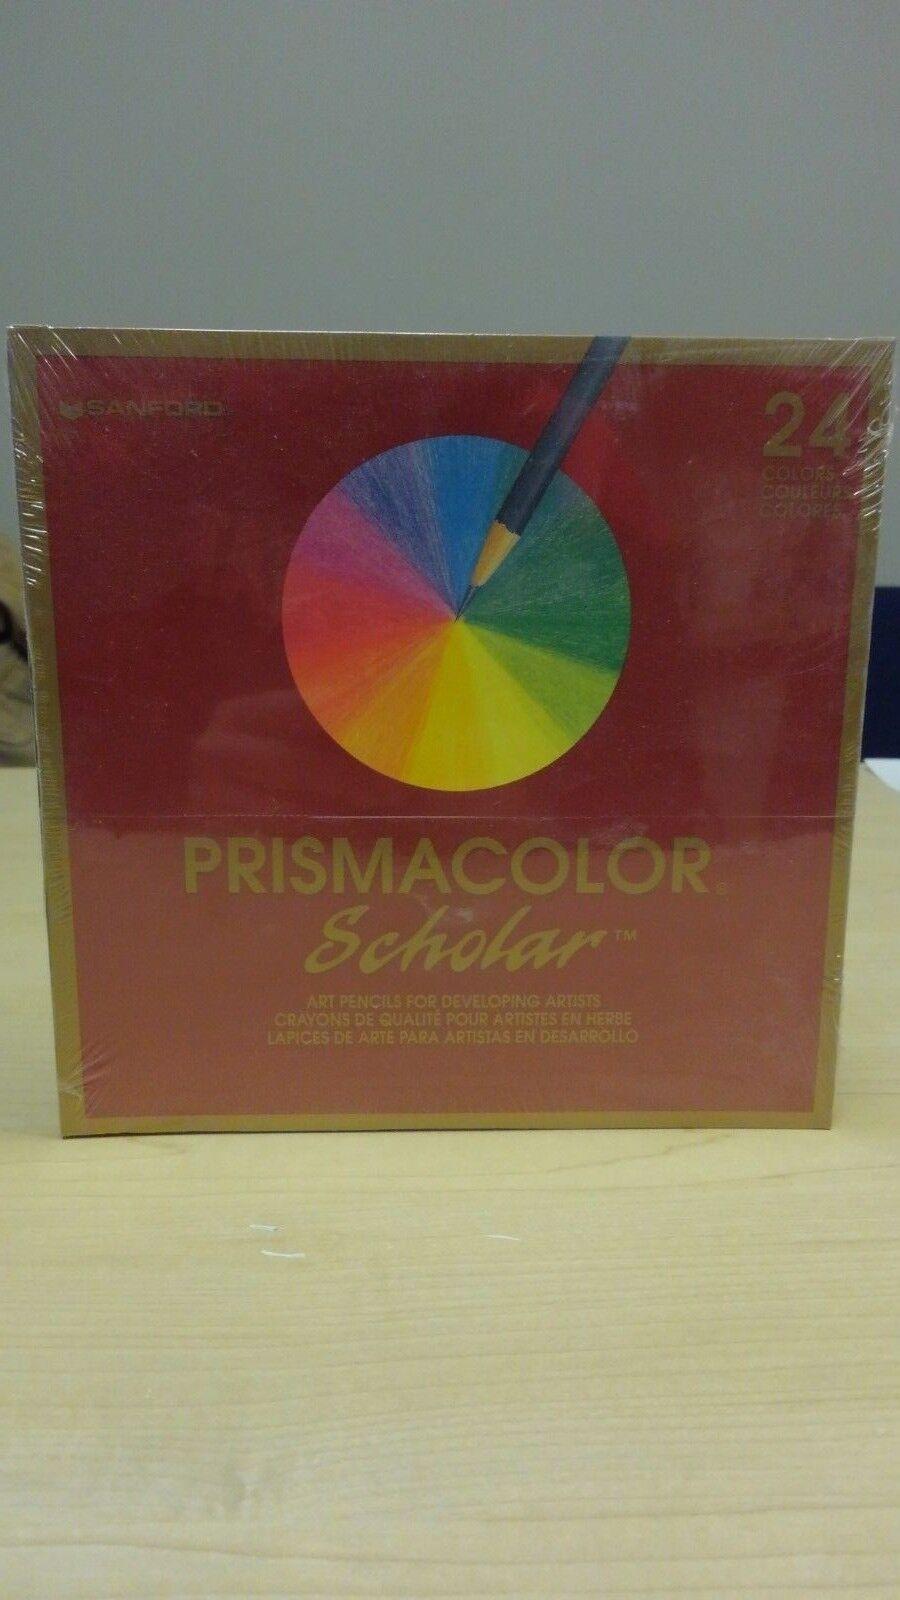 Prismacolor Scholar Student/Artisis Quality Colored Pencils